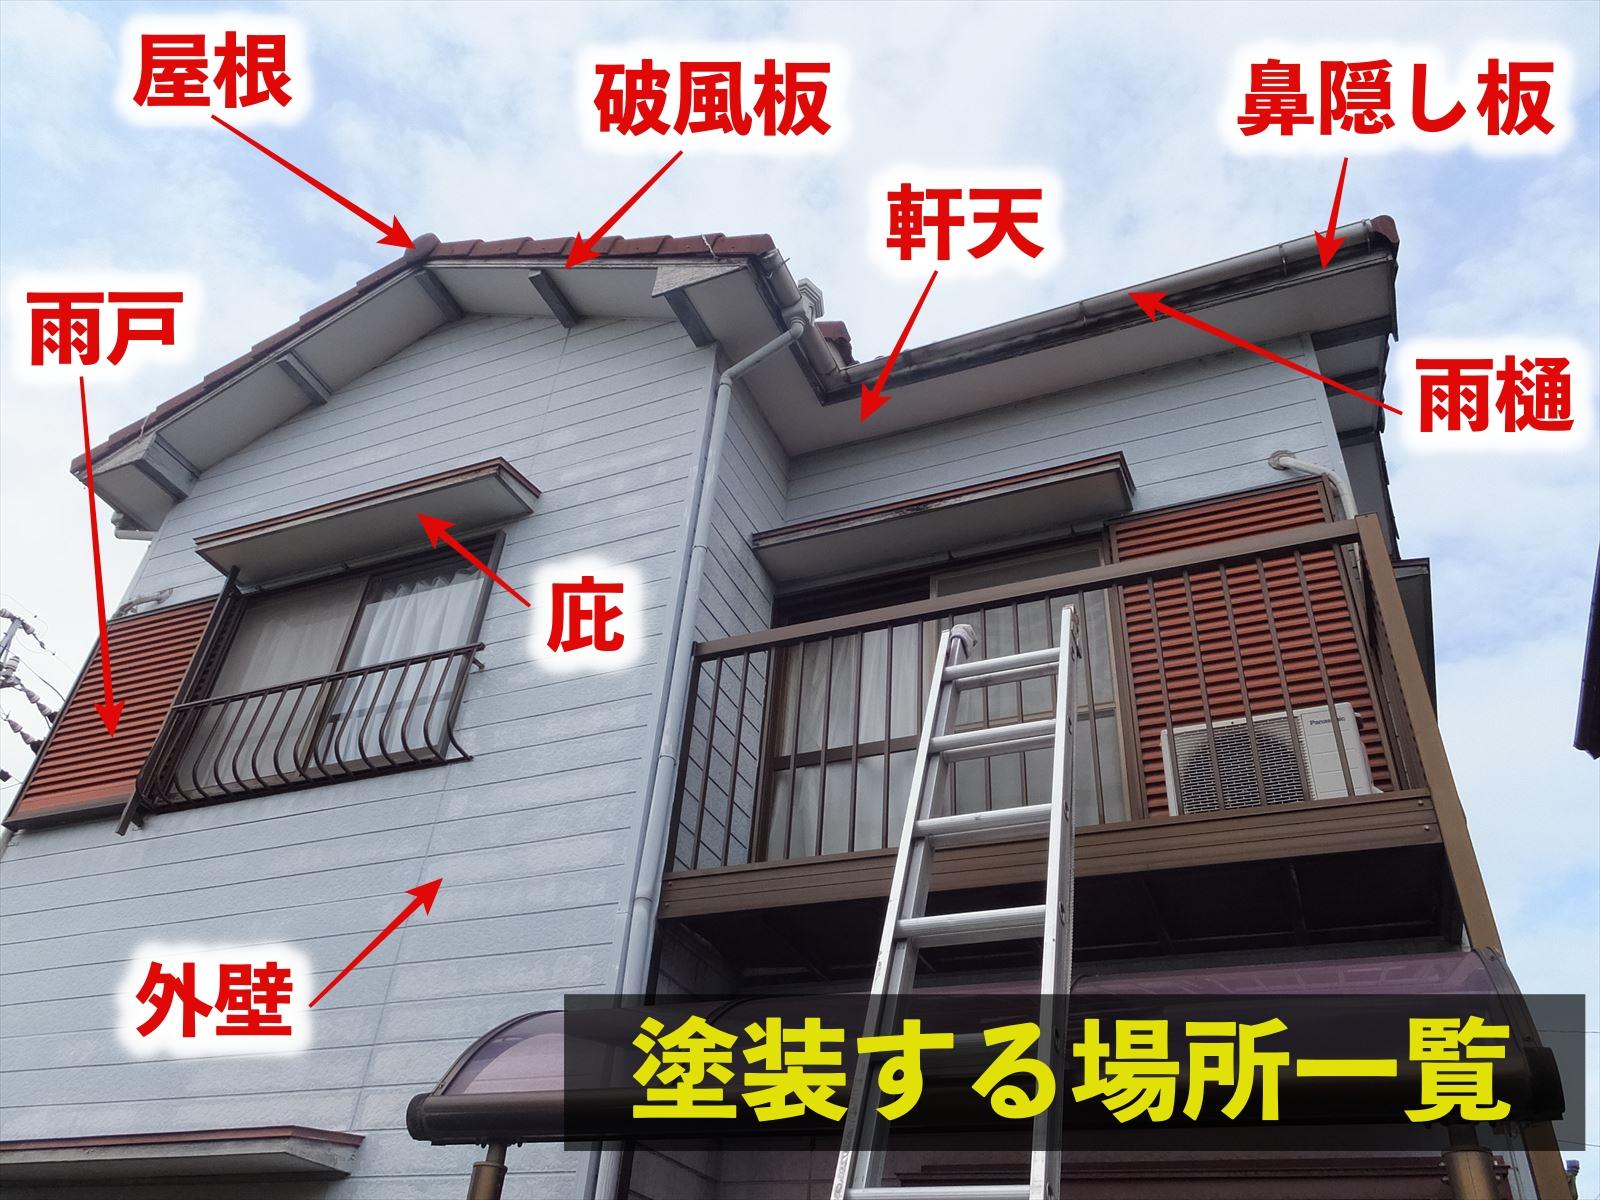 瀬戸市で塗装の見積り依頼の現地調査を行いました